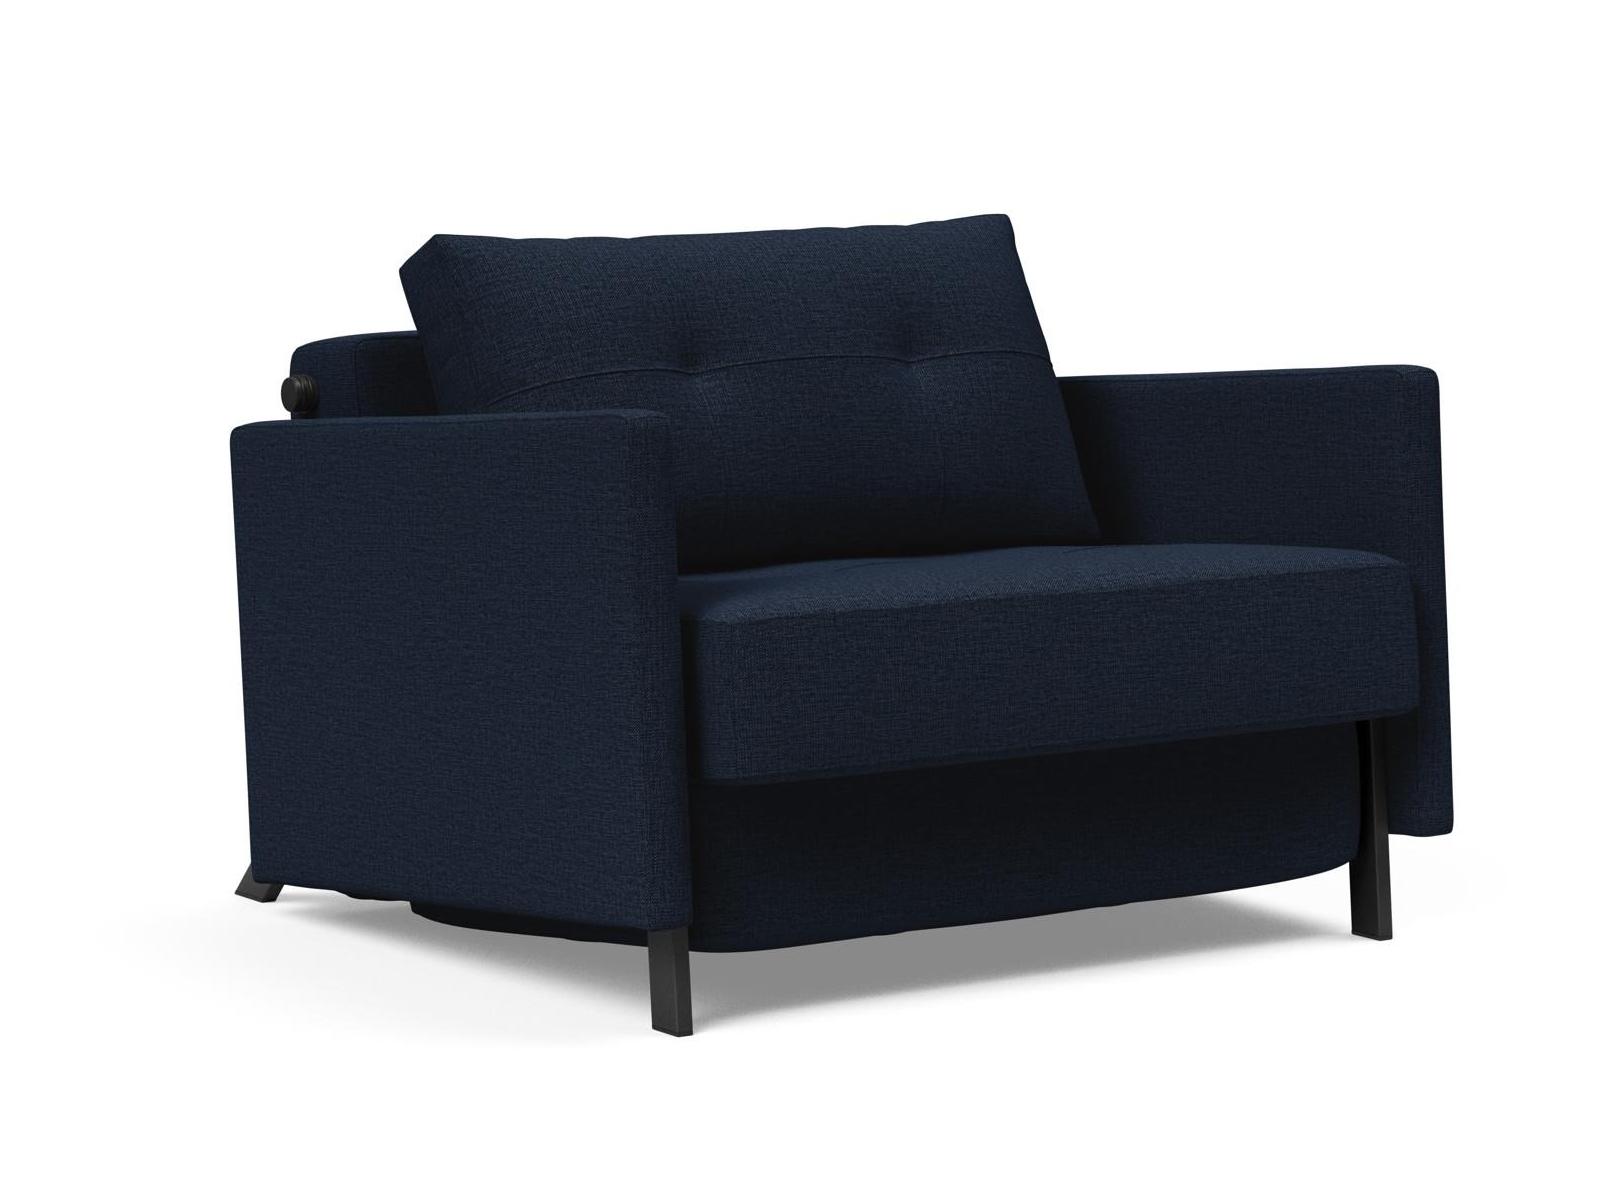 innovation cubed 90 karf s fotel gy innoshop innoshop megfizethet design b torok s. Black Bedroom Furniture Sets. Home Design Ideas